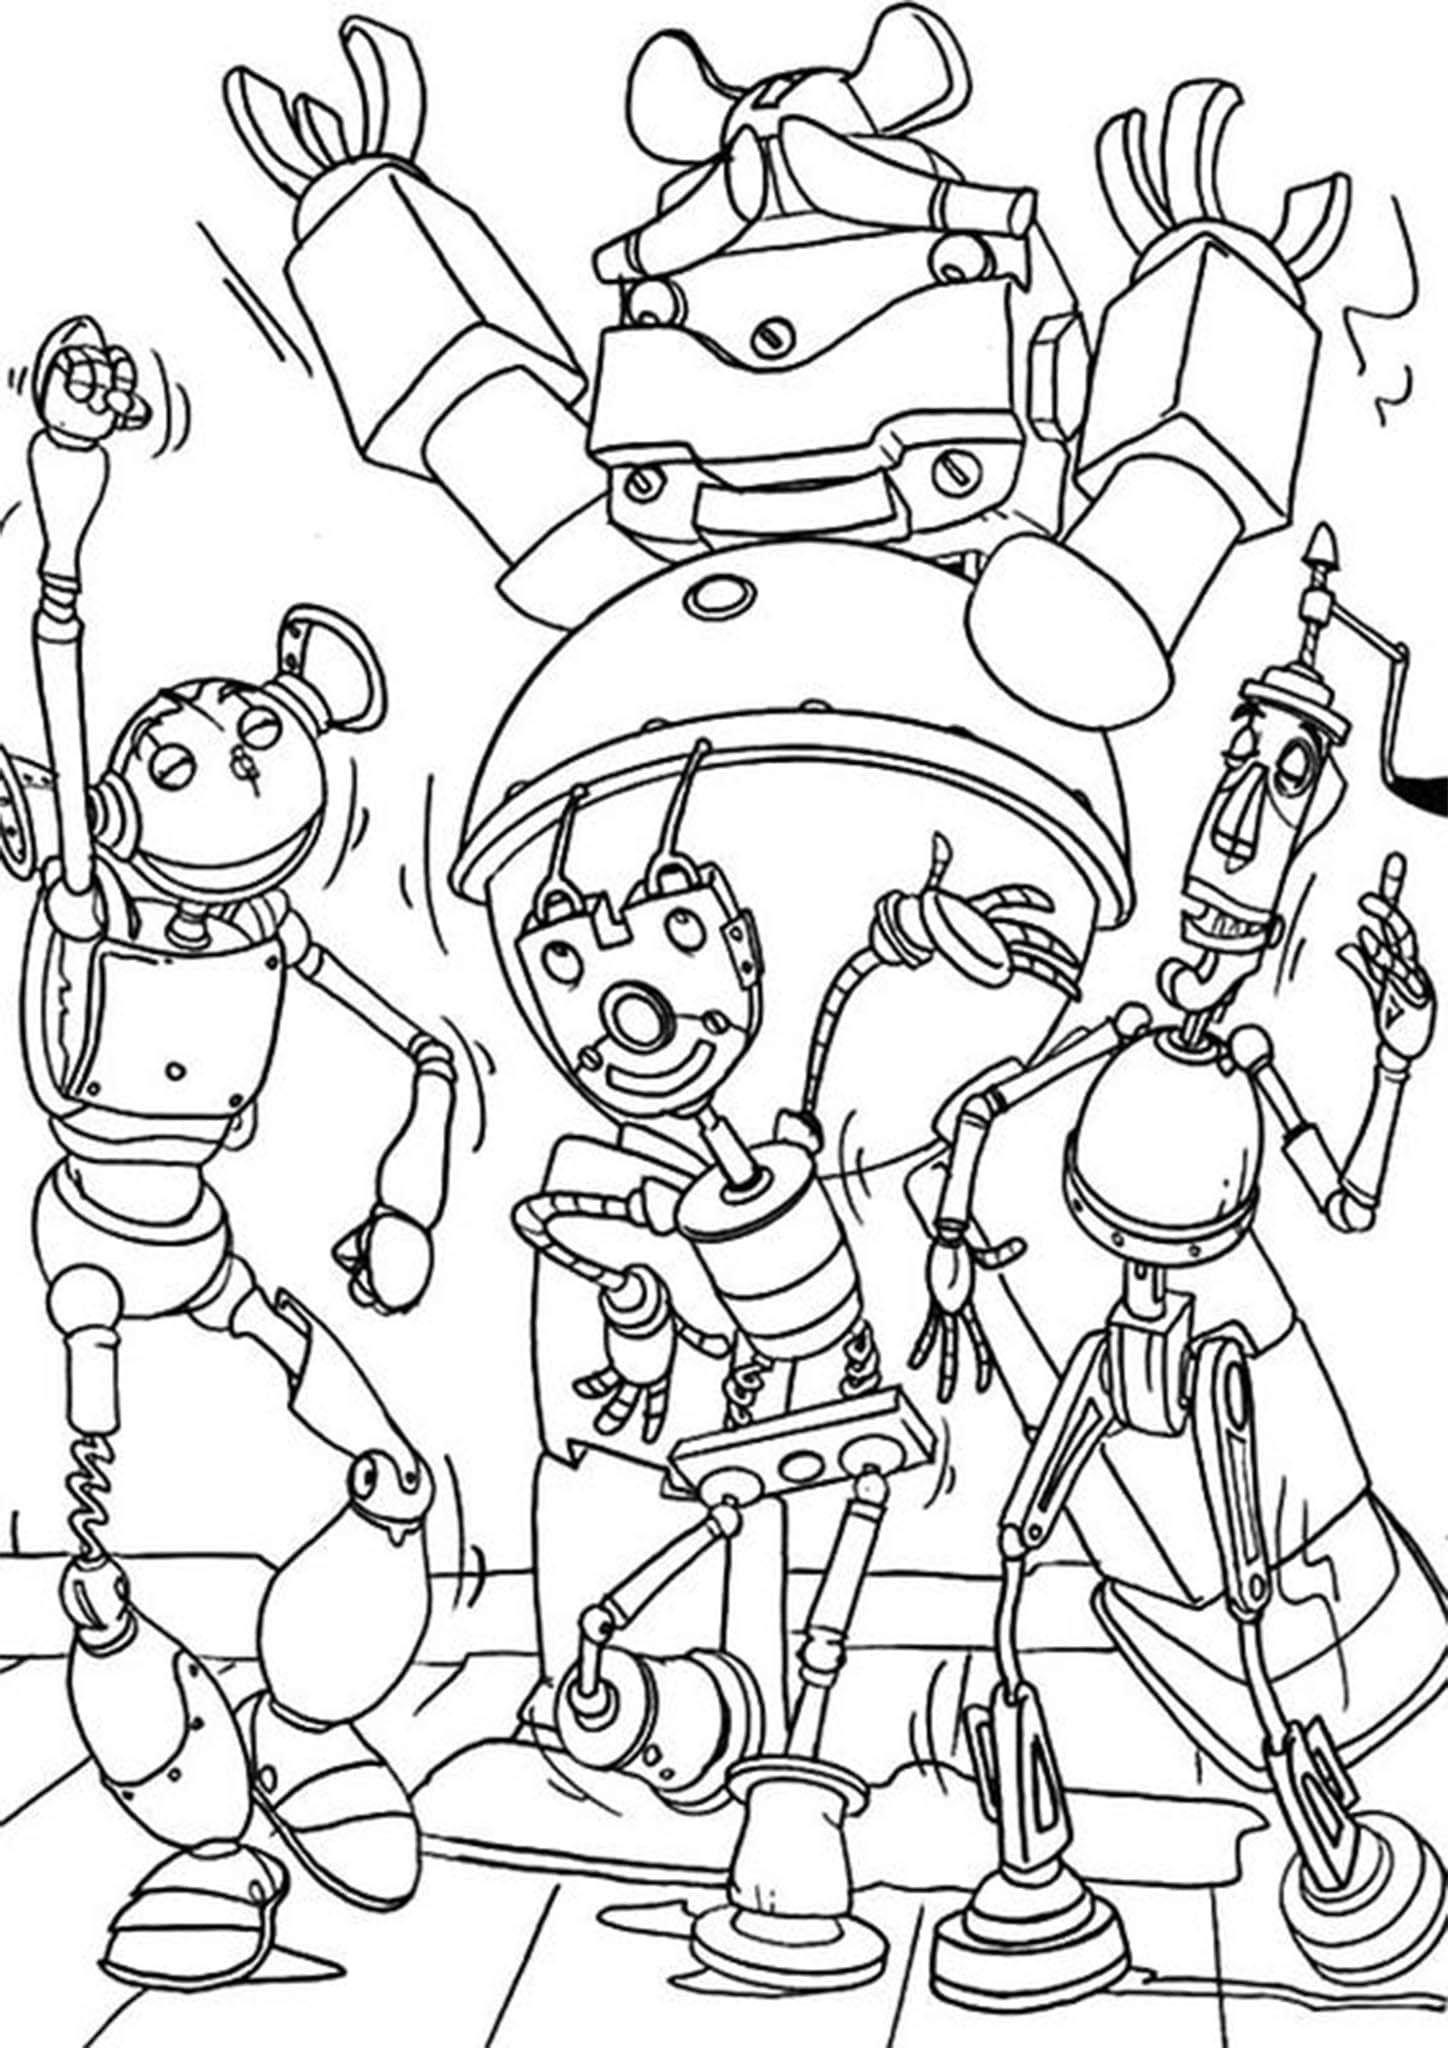 7408c934ff5bd2af7f4cac74c2375da2 » Robot Coloring Pictures